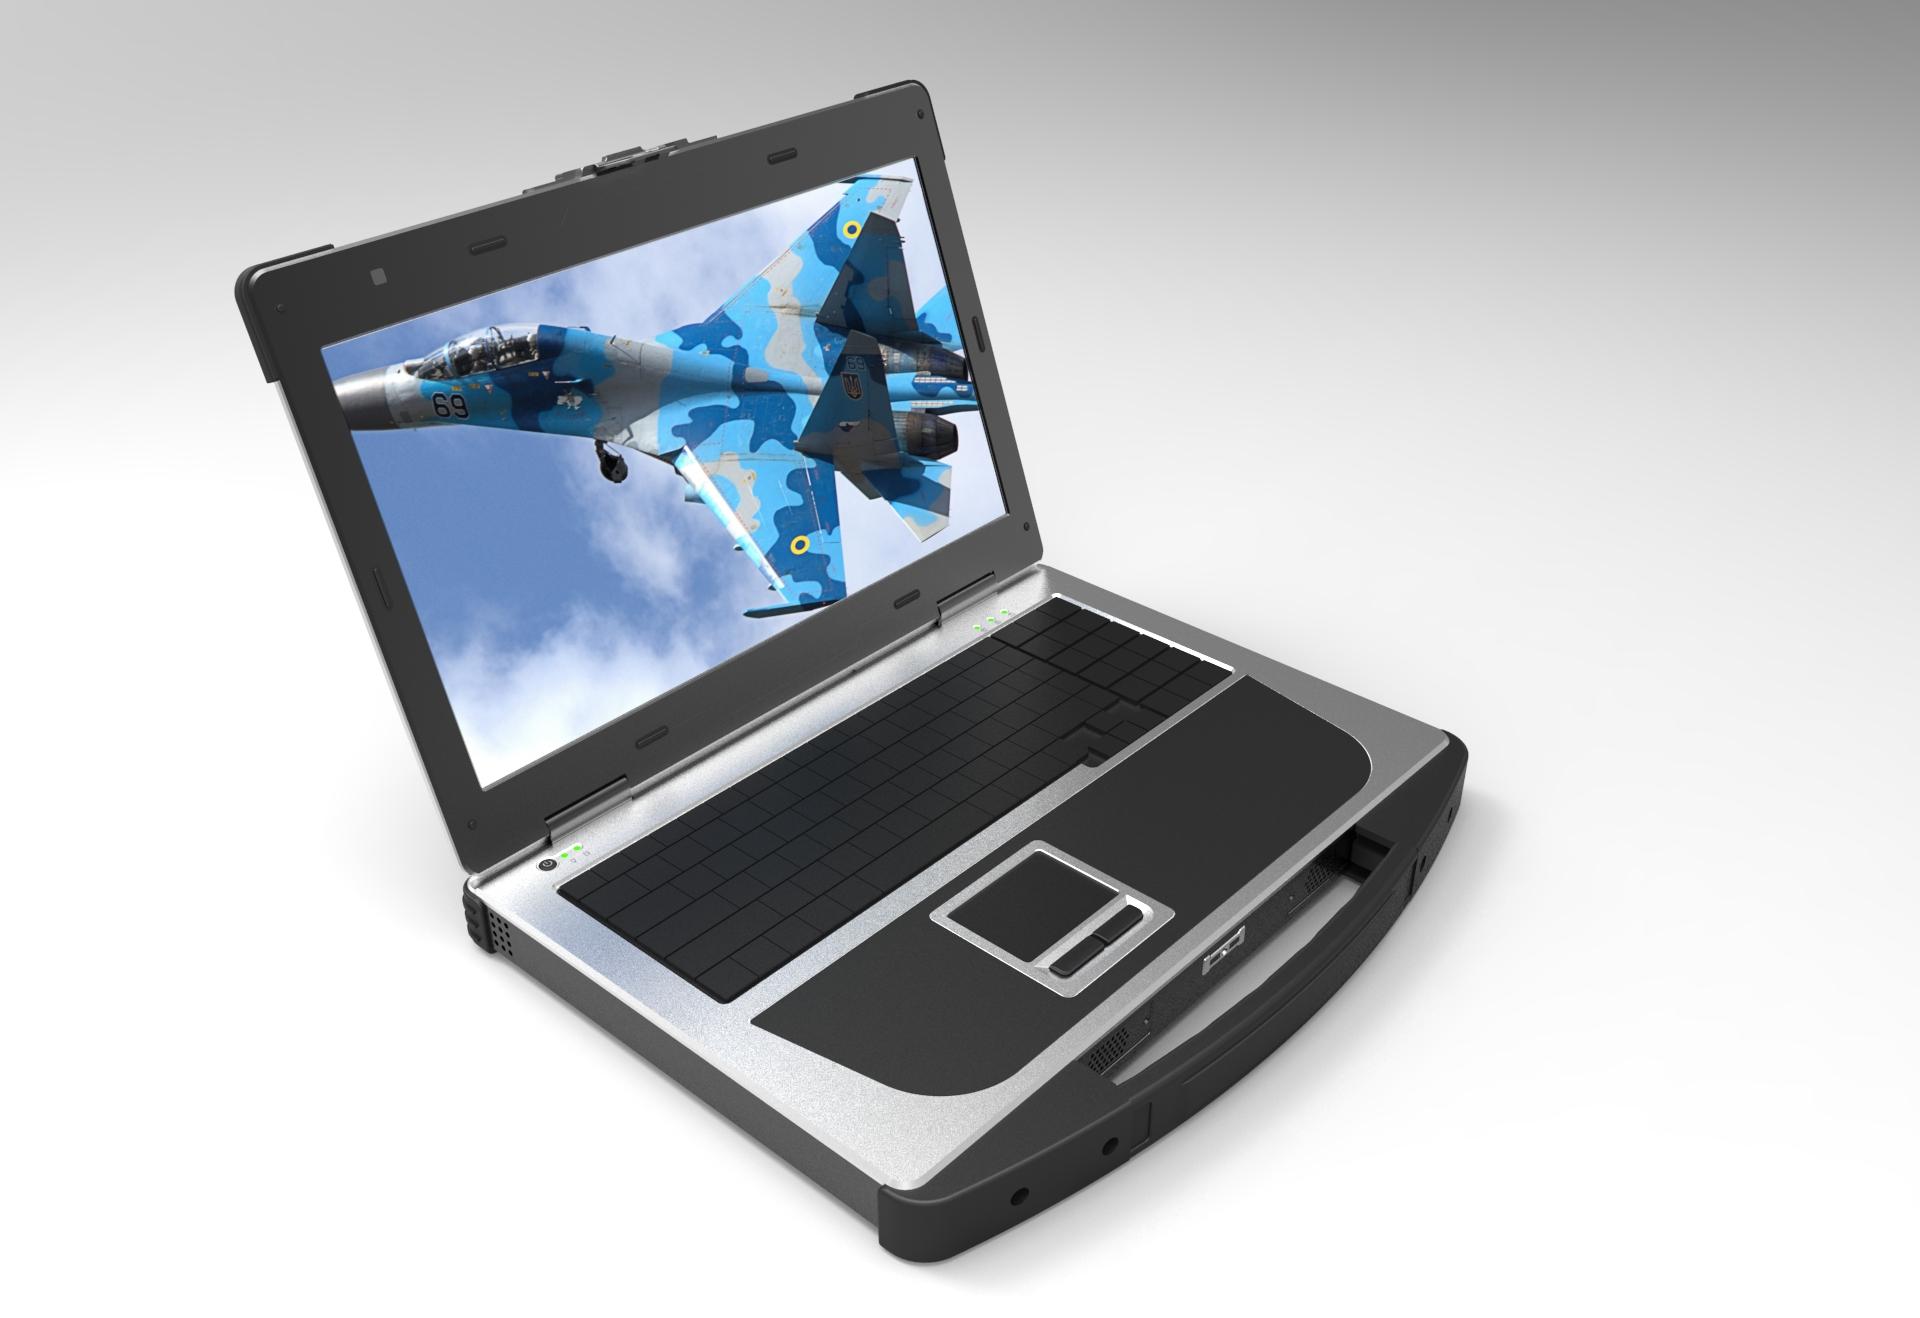 天拓工业计算机在公安、检察院、司法等机关的应用